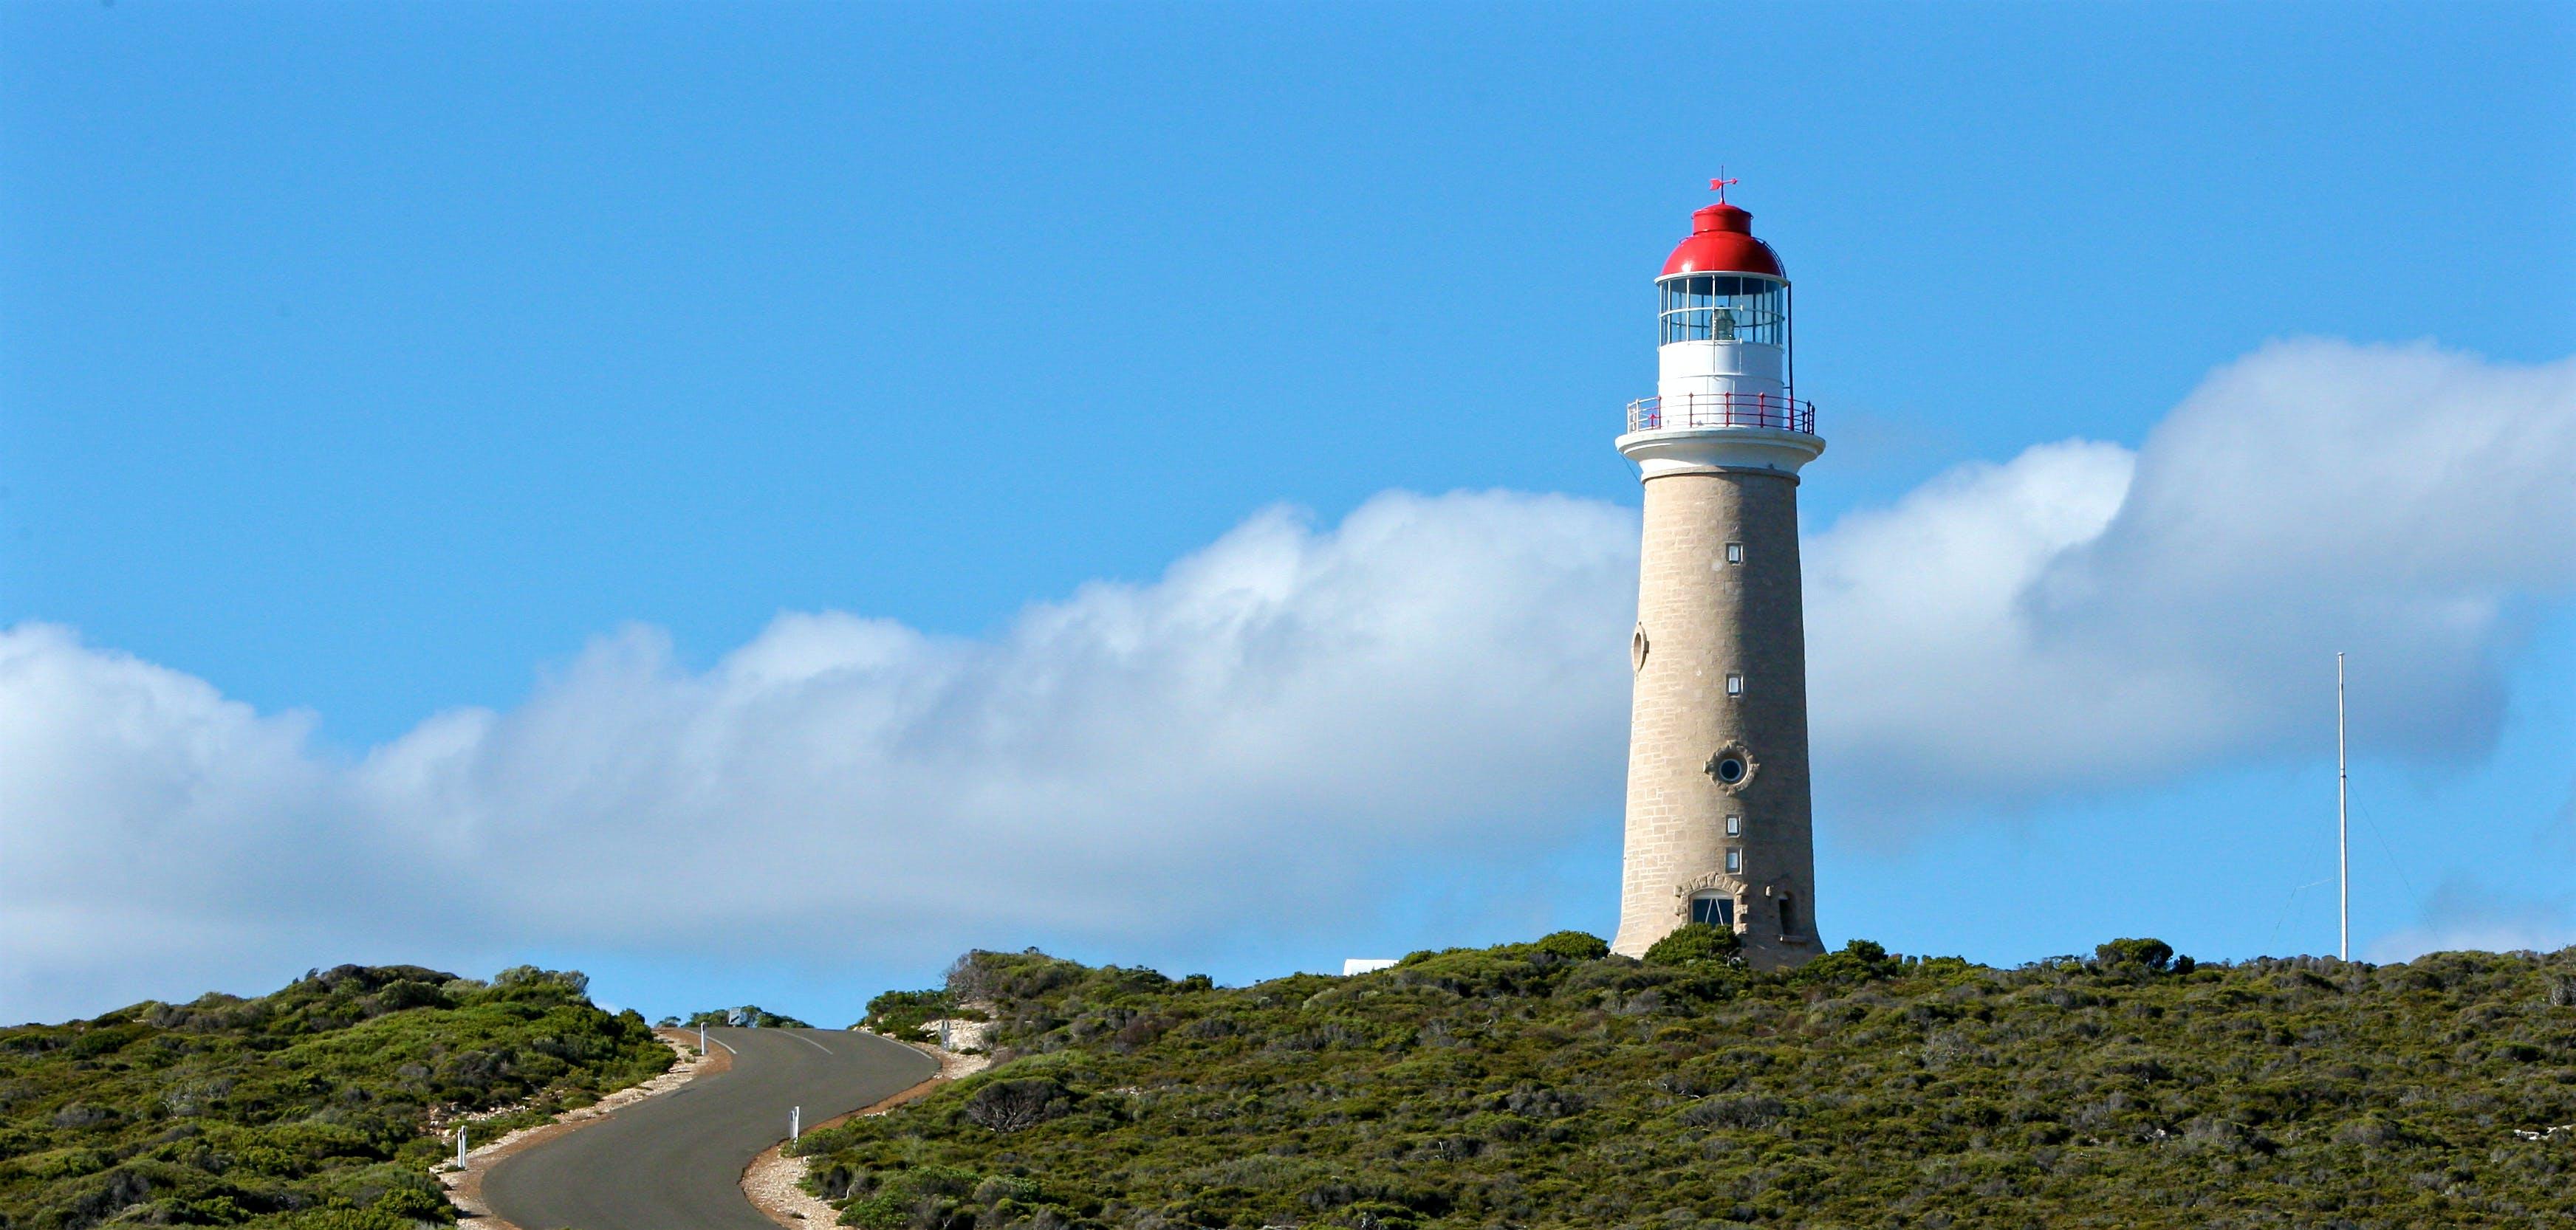 タワー, 建築, 灯台, 空の無料の写真素材